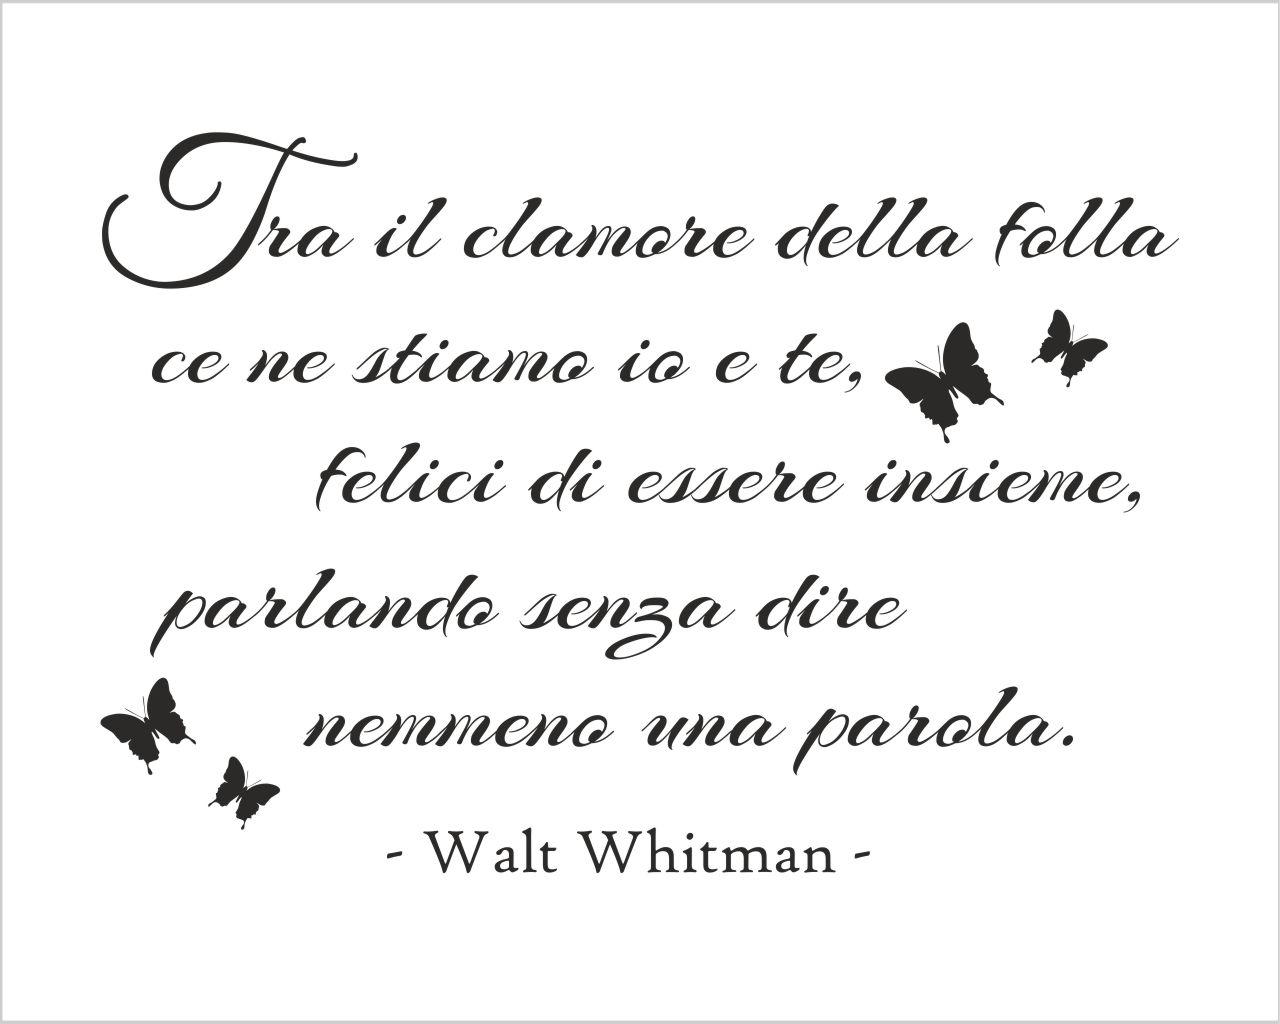 Frasi Amore Whitman.Adesivo Da Parete Frase Walt Whitman Tra Il Clamore Della Folla Adesivo Murale Interni Decori Adesivi Murali Wall Stickers E Quadri Moderni